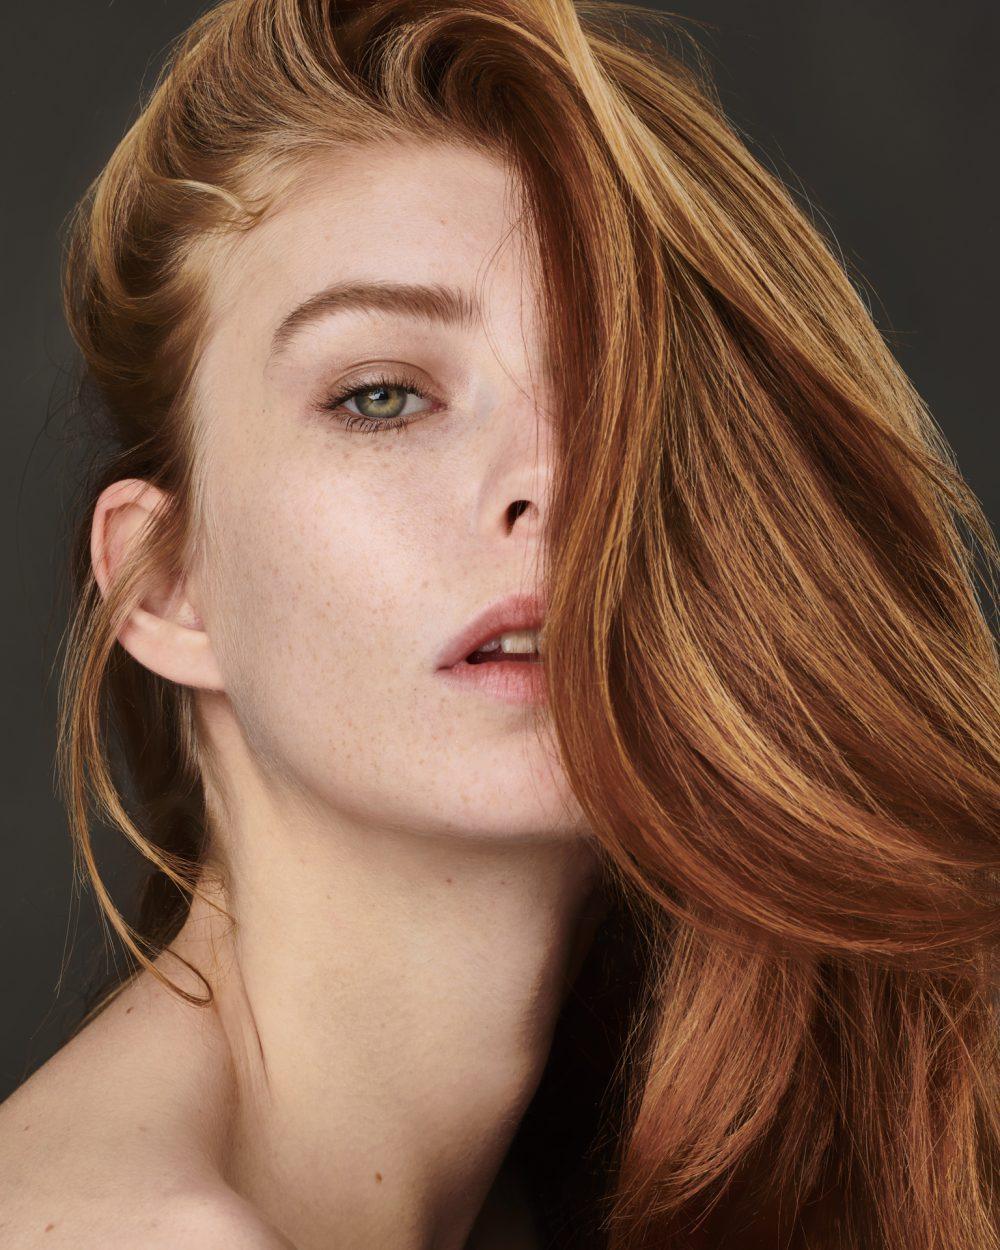 Portrait beauté de Marion Lucas - photographe Michaël Guichard